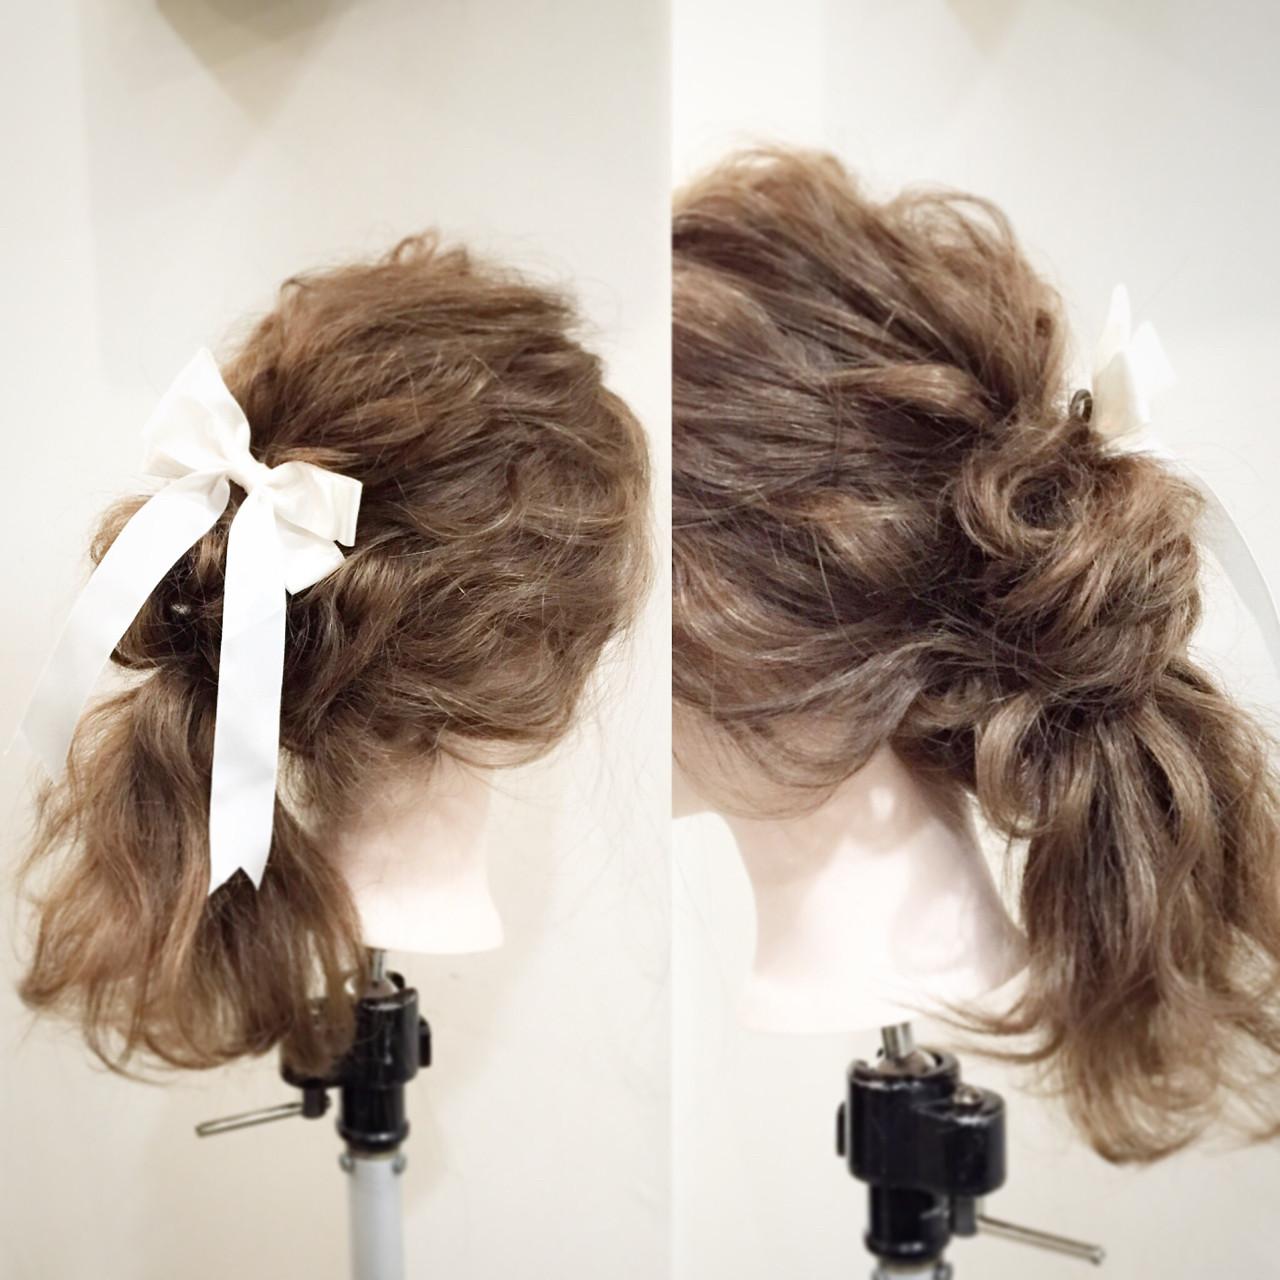 セミロング ポニーテール 大人かわいい ヘアアレンジ ヘアスタイルや髪型の写真・画像